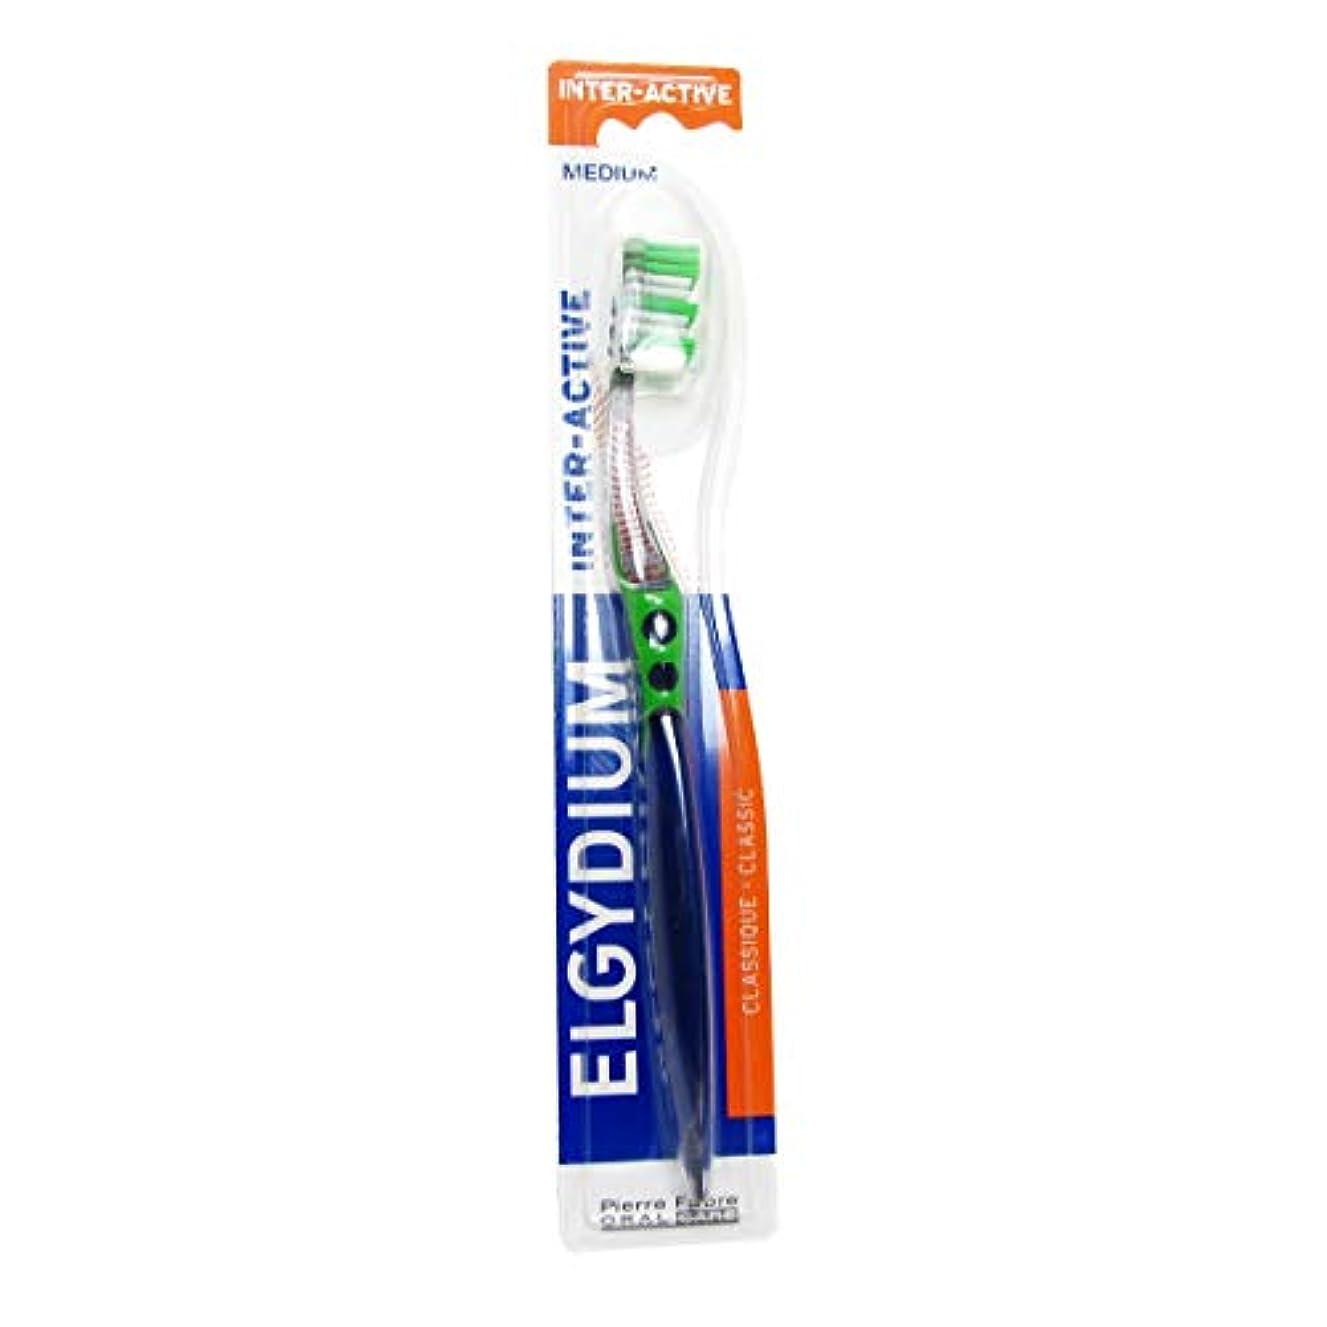 自殺絡まる区別するElgydium Inter-active Medium Toothbrush [並行輸入品]